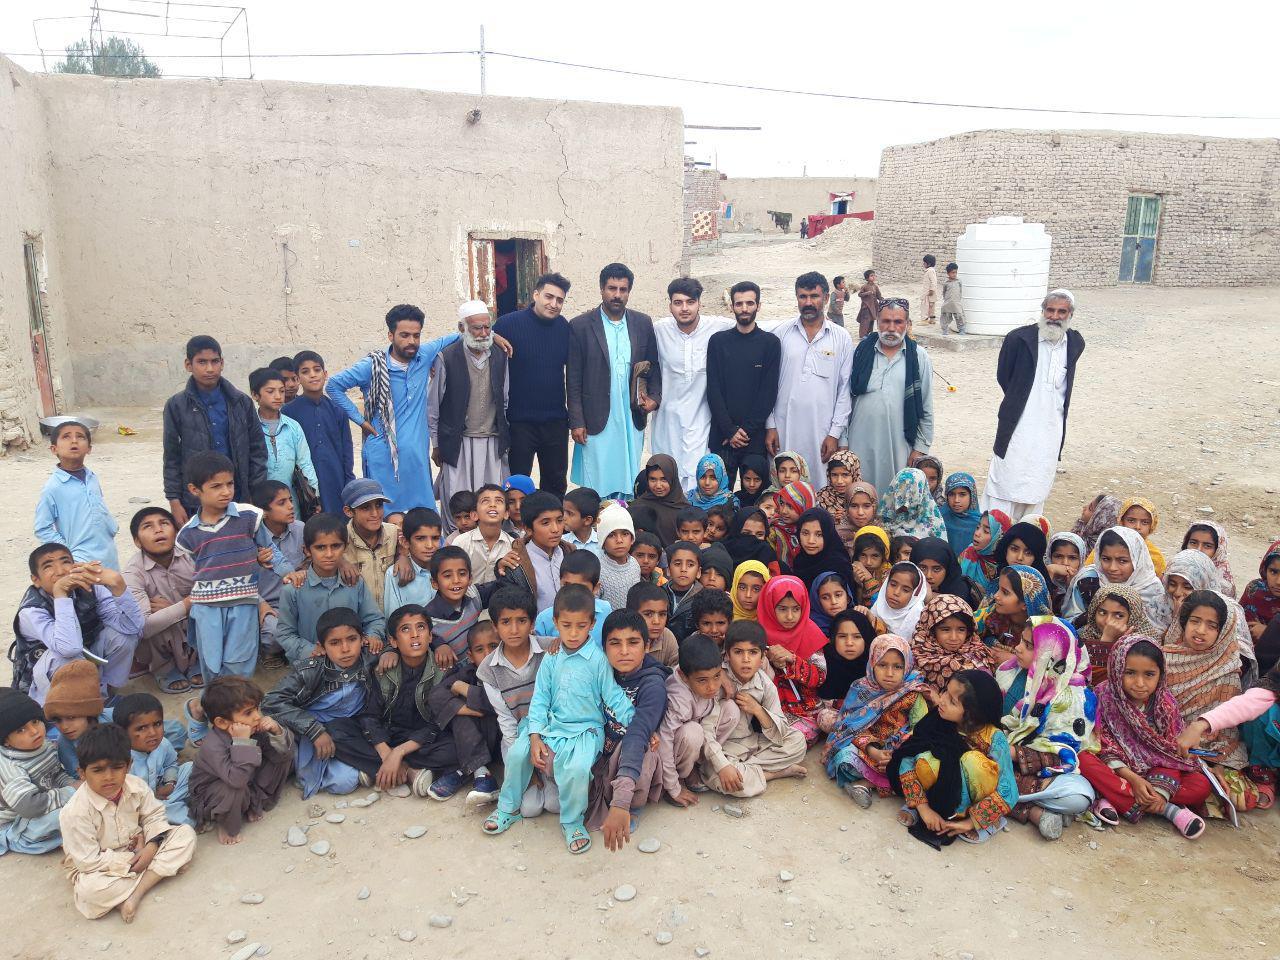 ارسال ۸ کامیون کمک از نجف آباد برای سیل زدگان سیستان